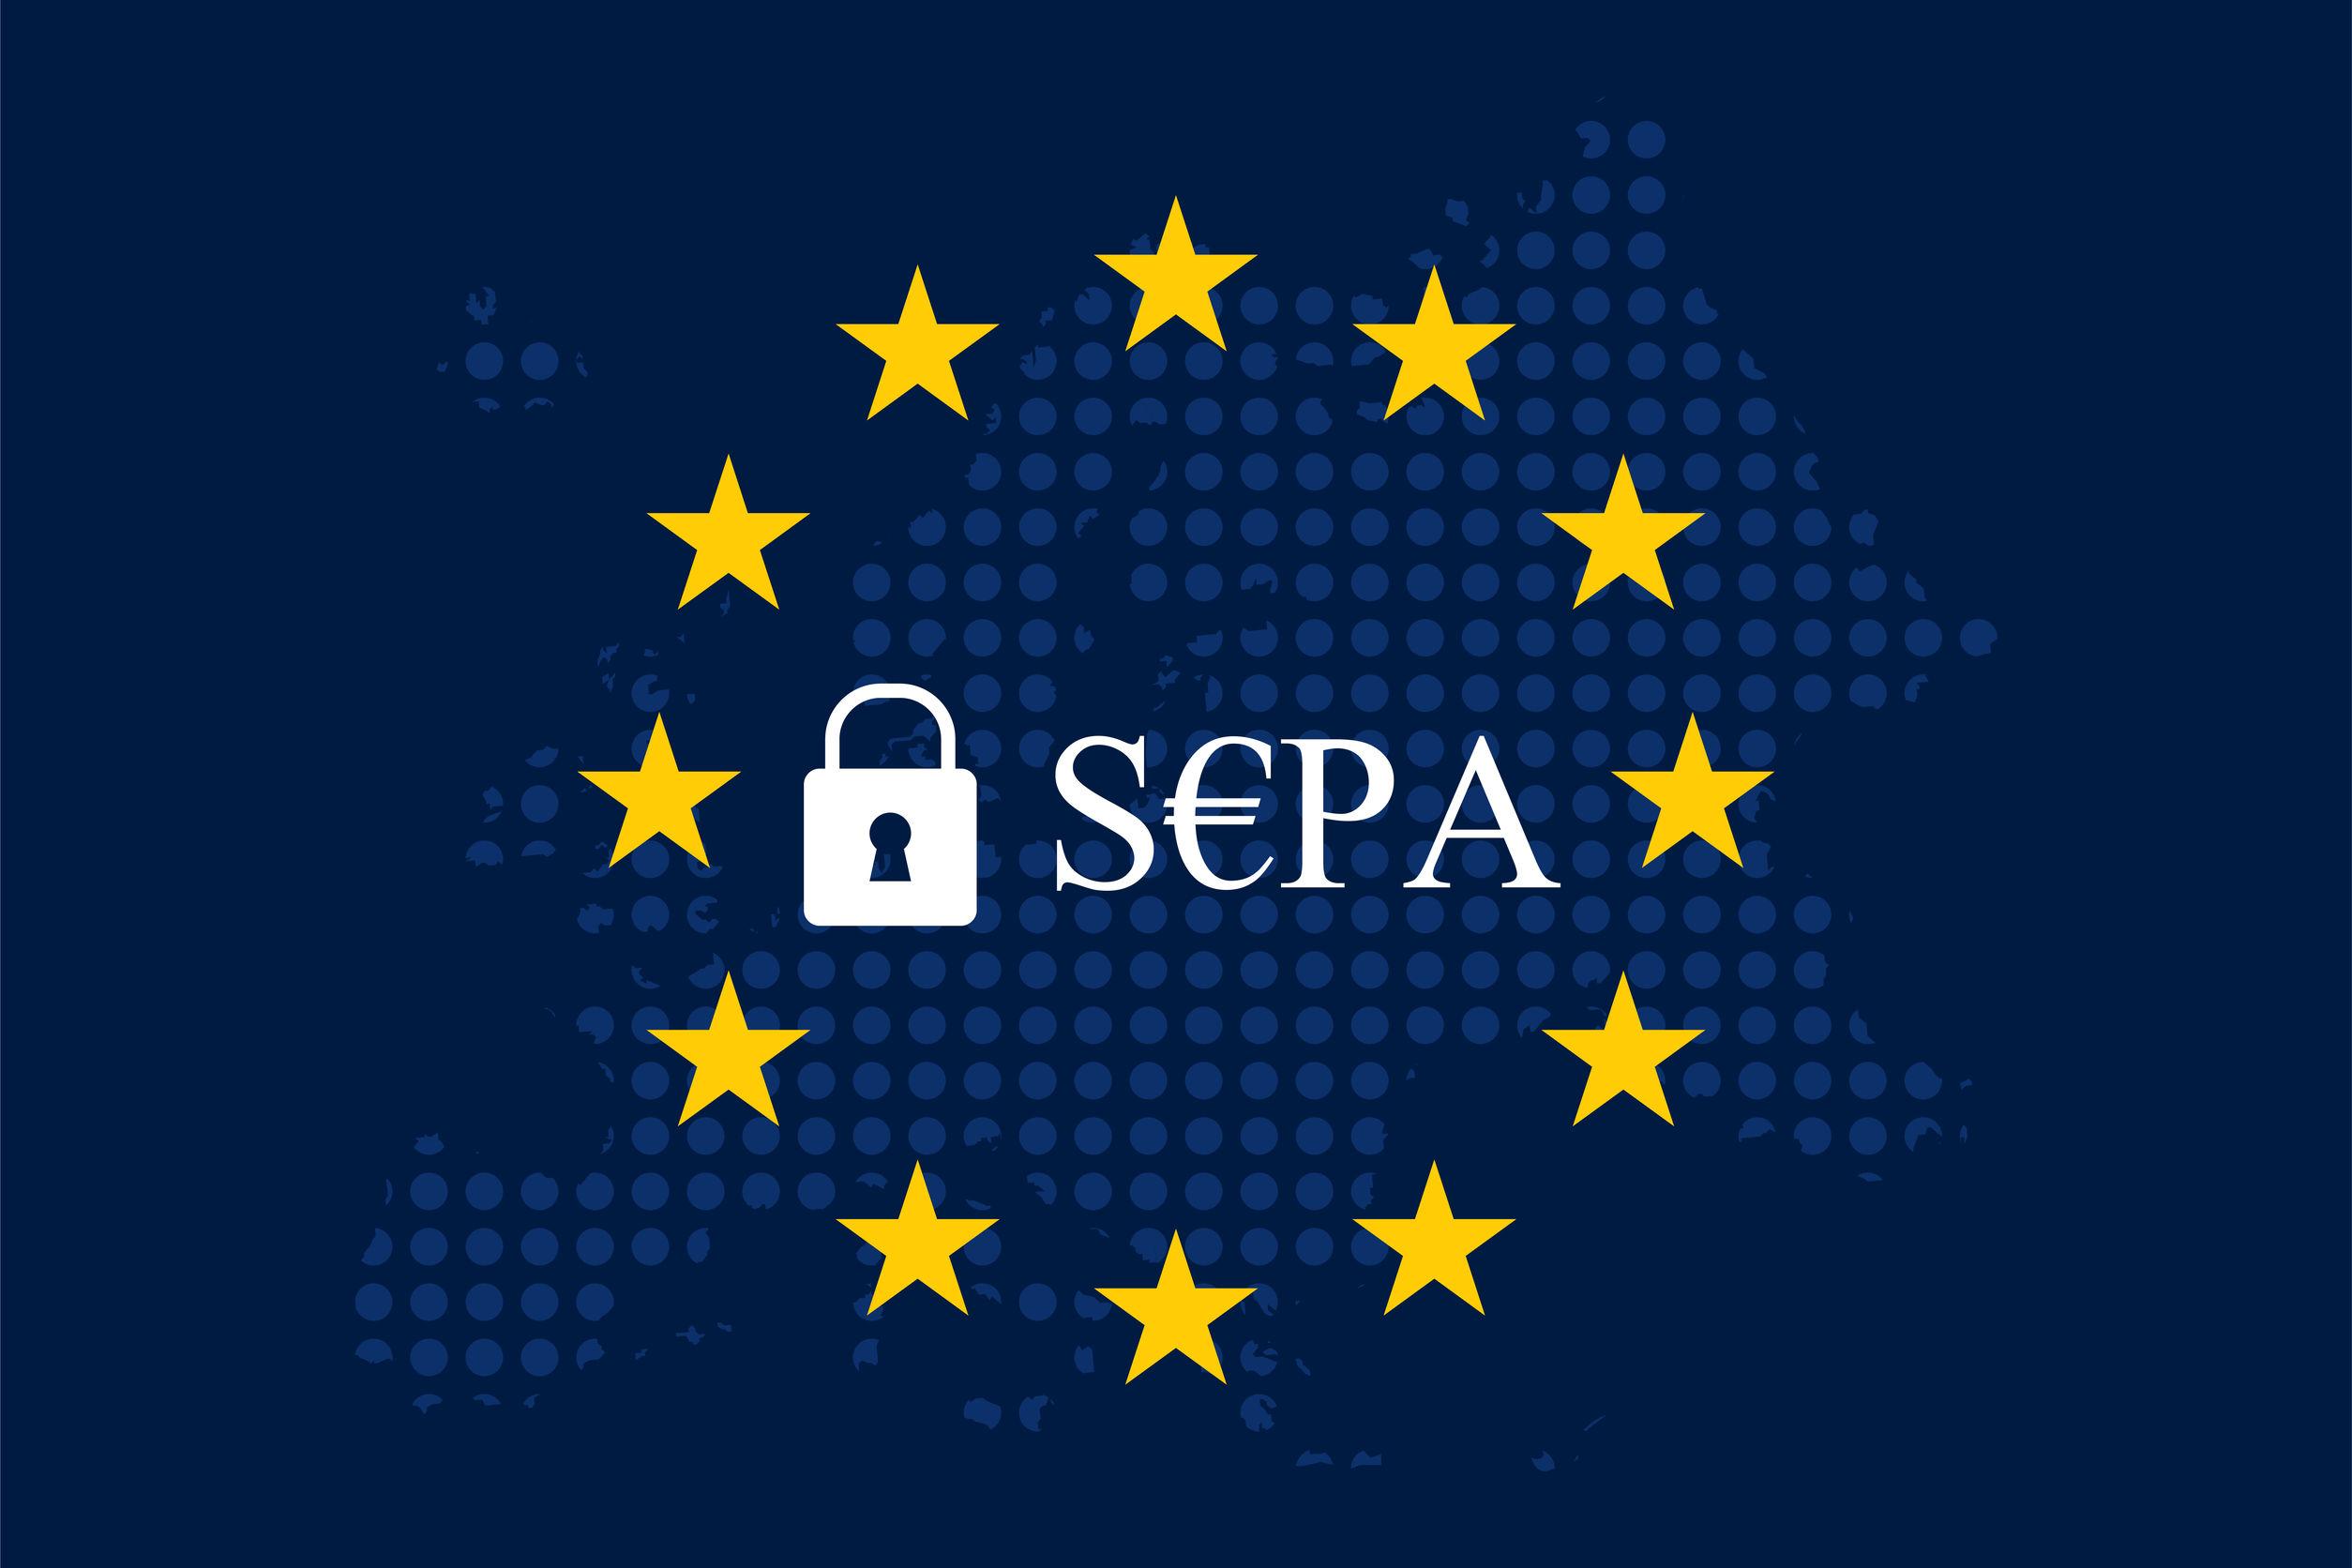 ¿Cómo puedo comprar pastillas para la disfunción eréctil usando SEPA?